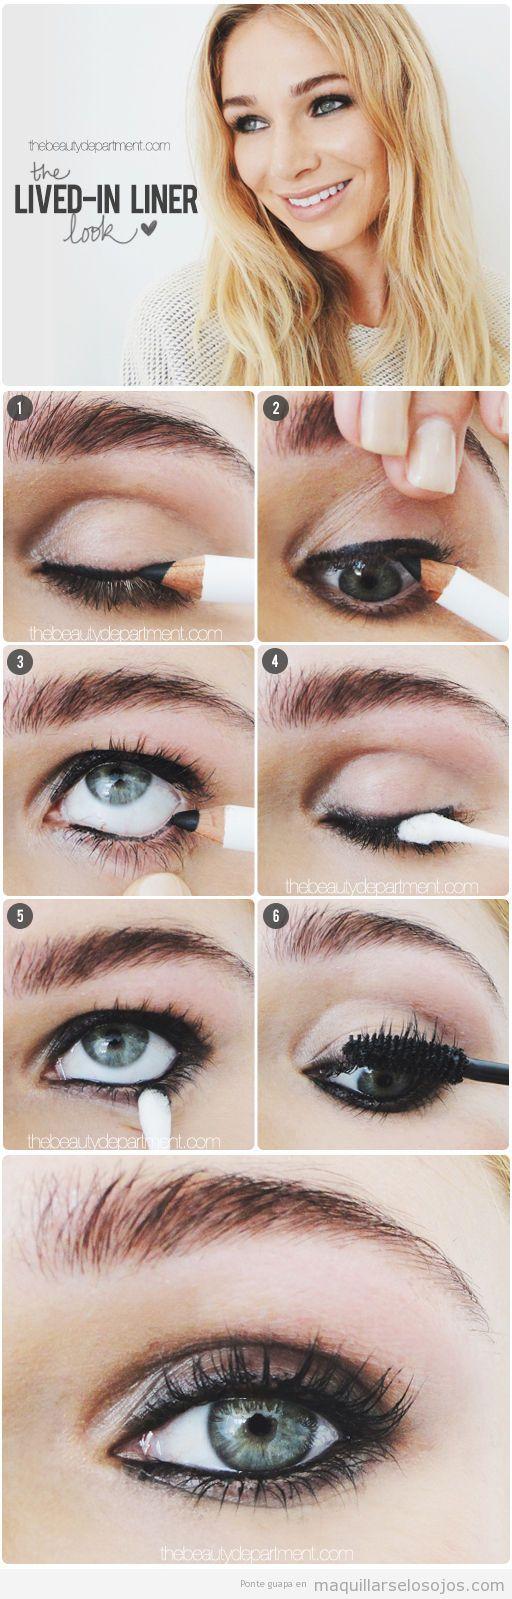 Pintarse los ojos facil colores para maquillar los ojos for Pintarse los ojos facil